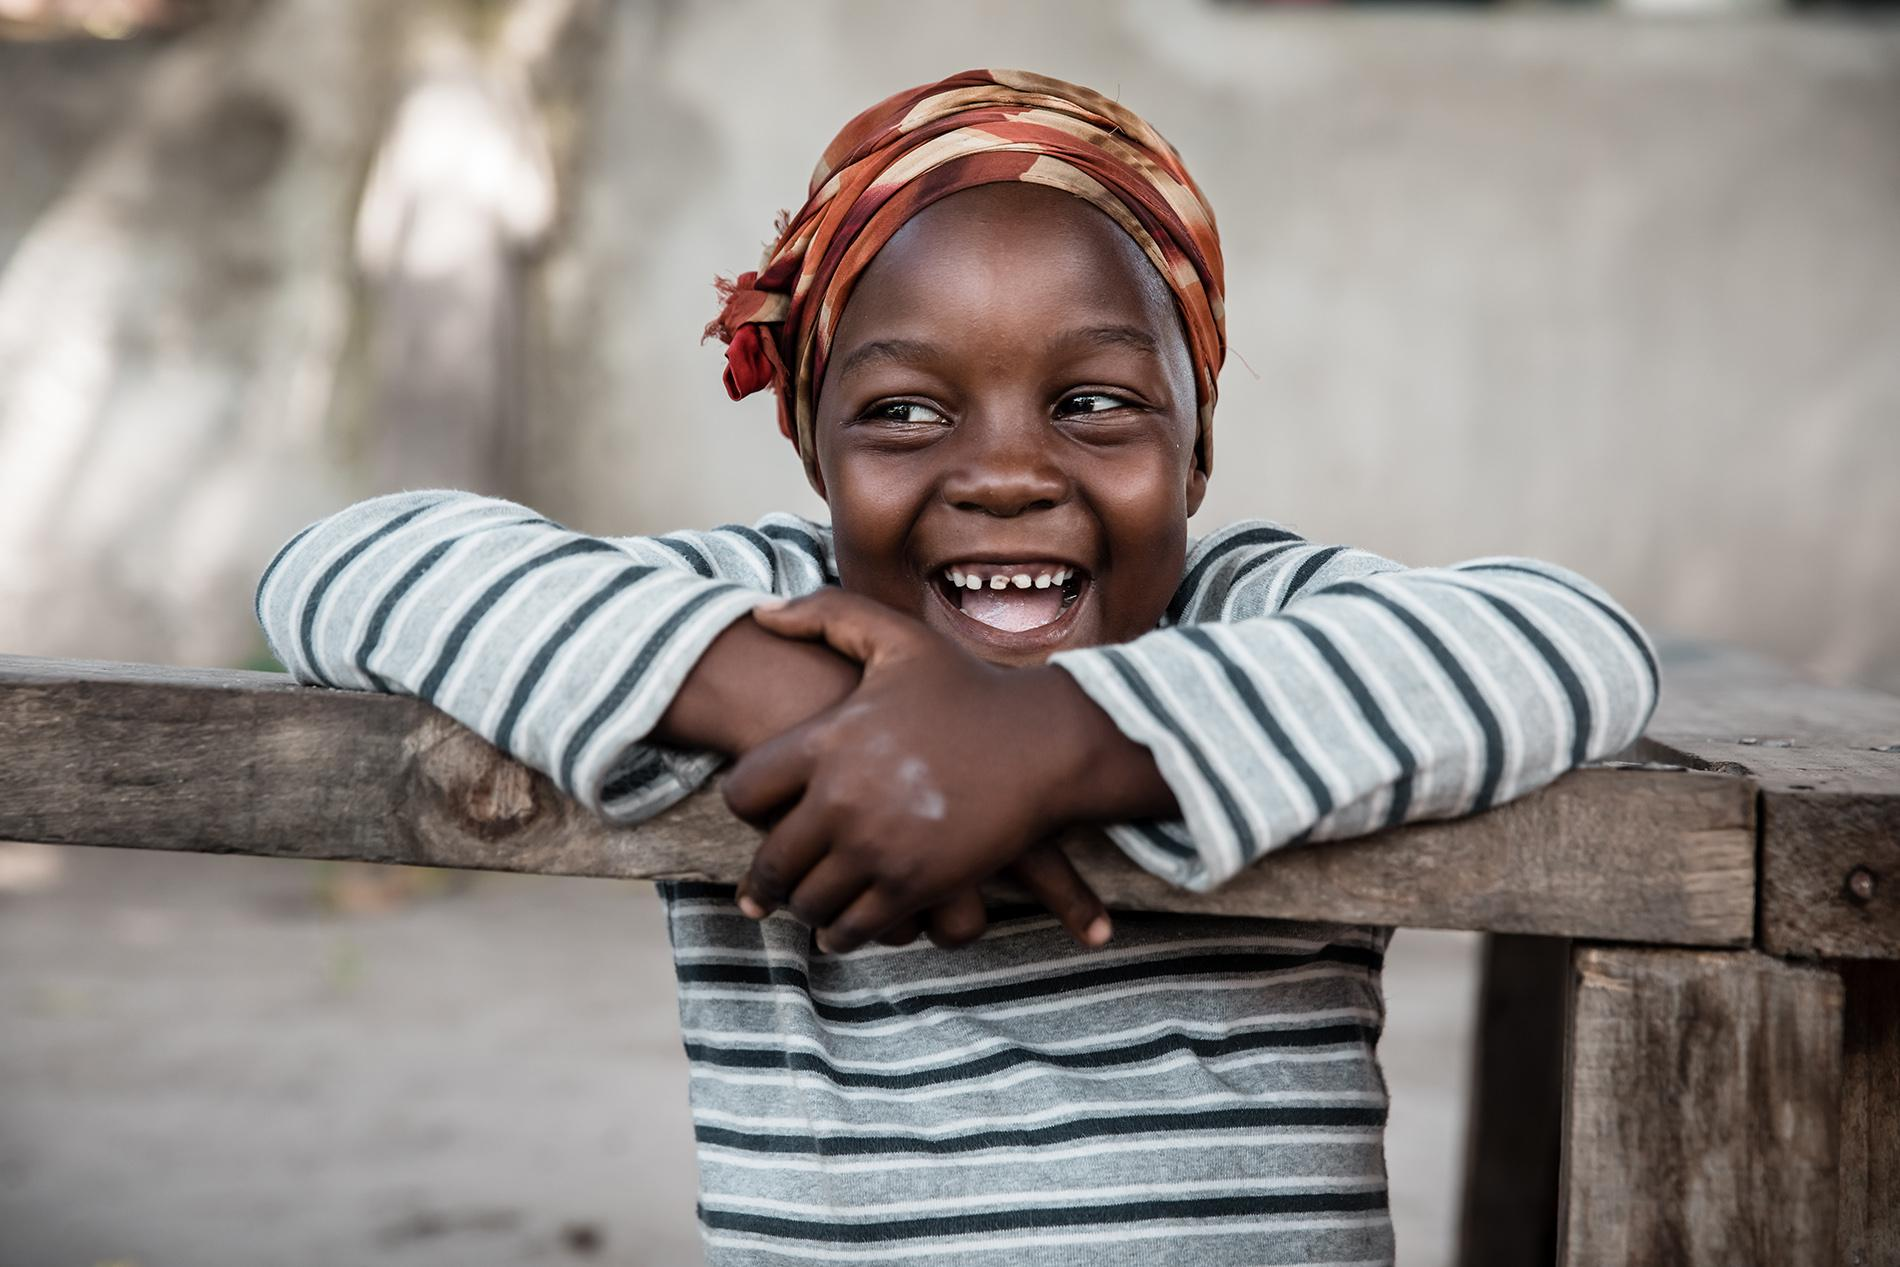 Nenapaiva-auttaa-maailman-lapsia-Meeri-Koutaniemi.jpg